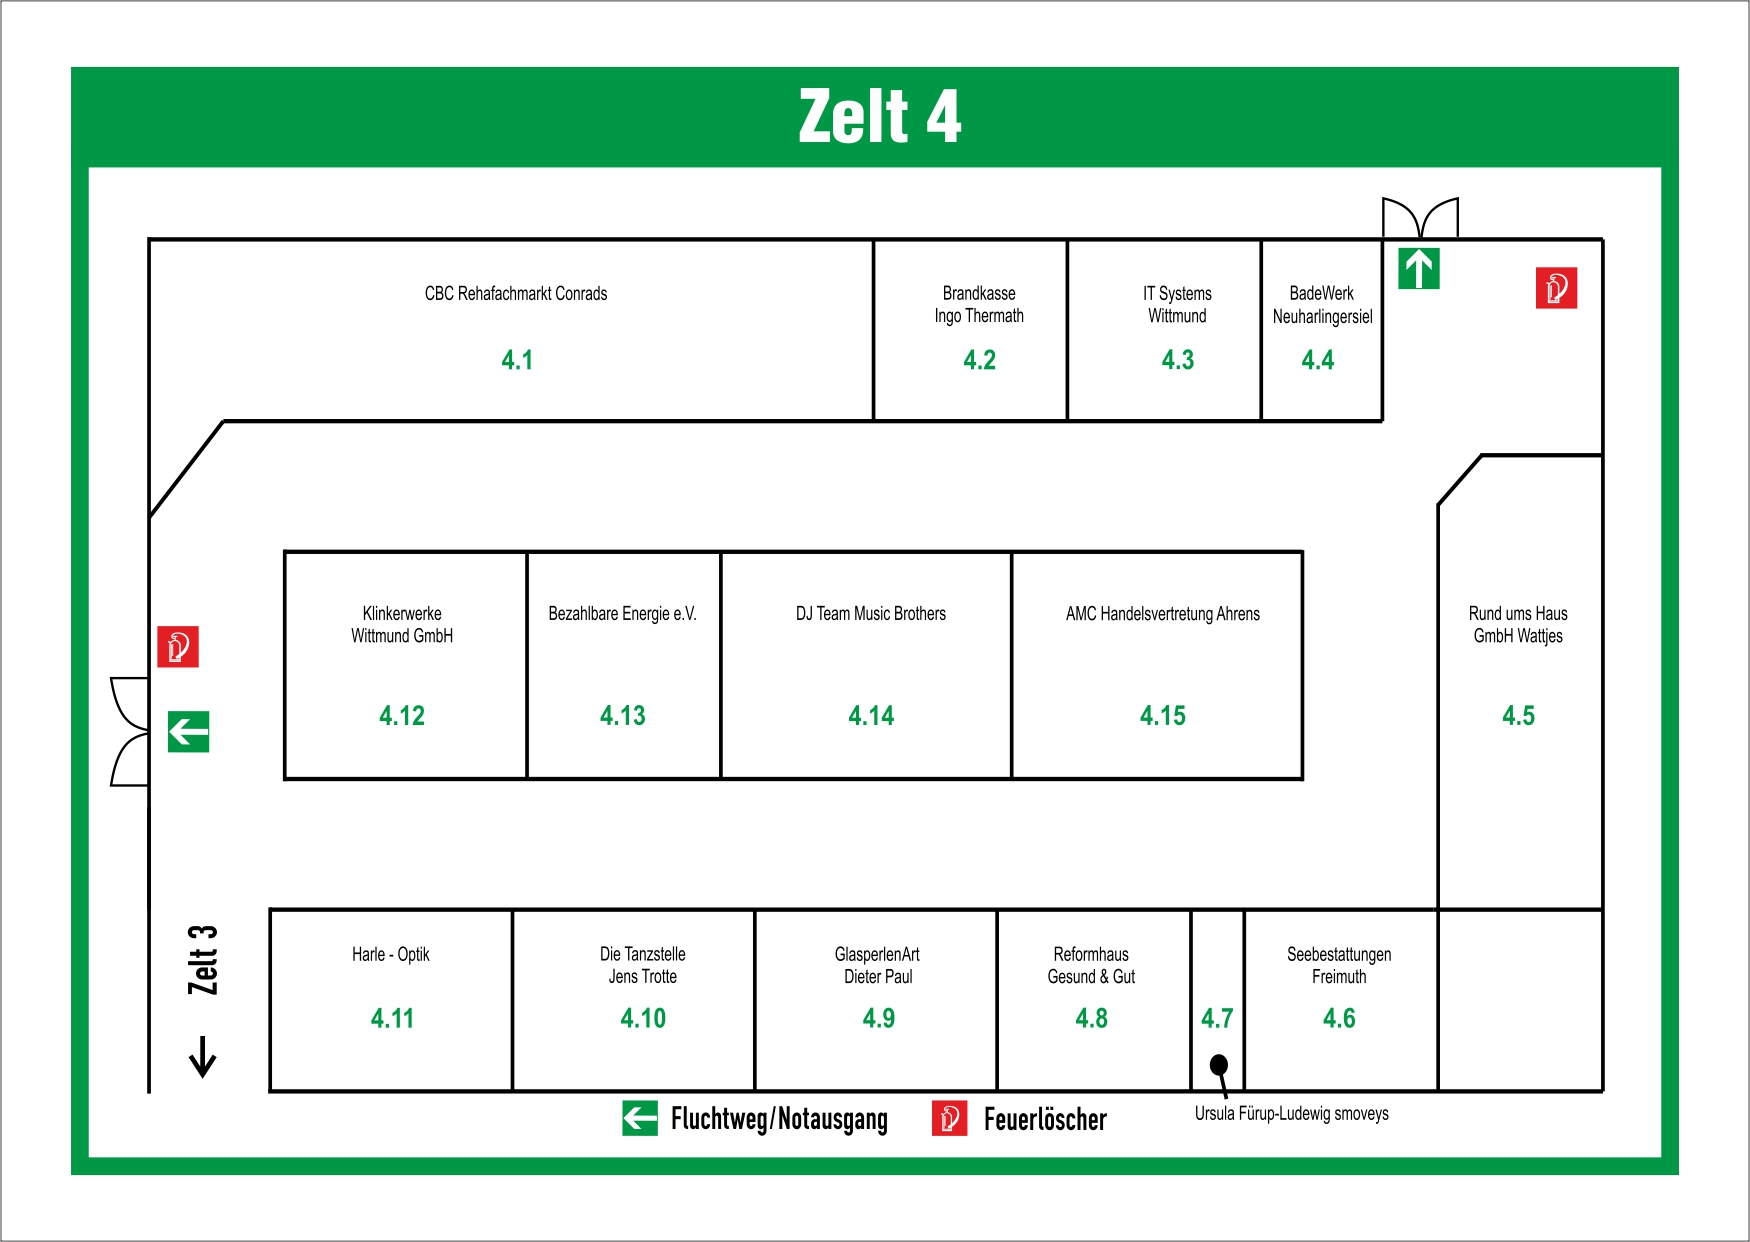 Zelt-4